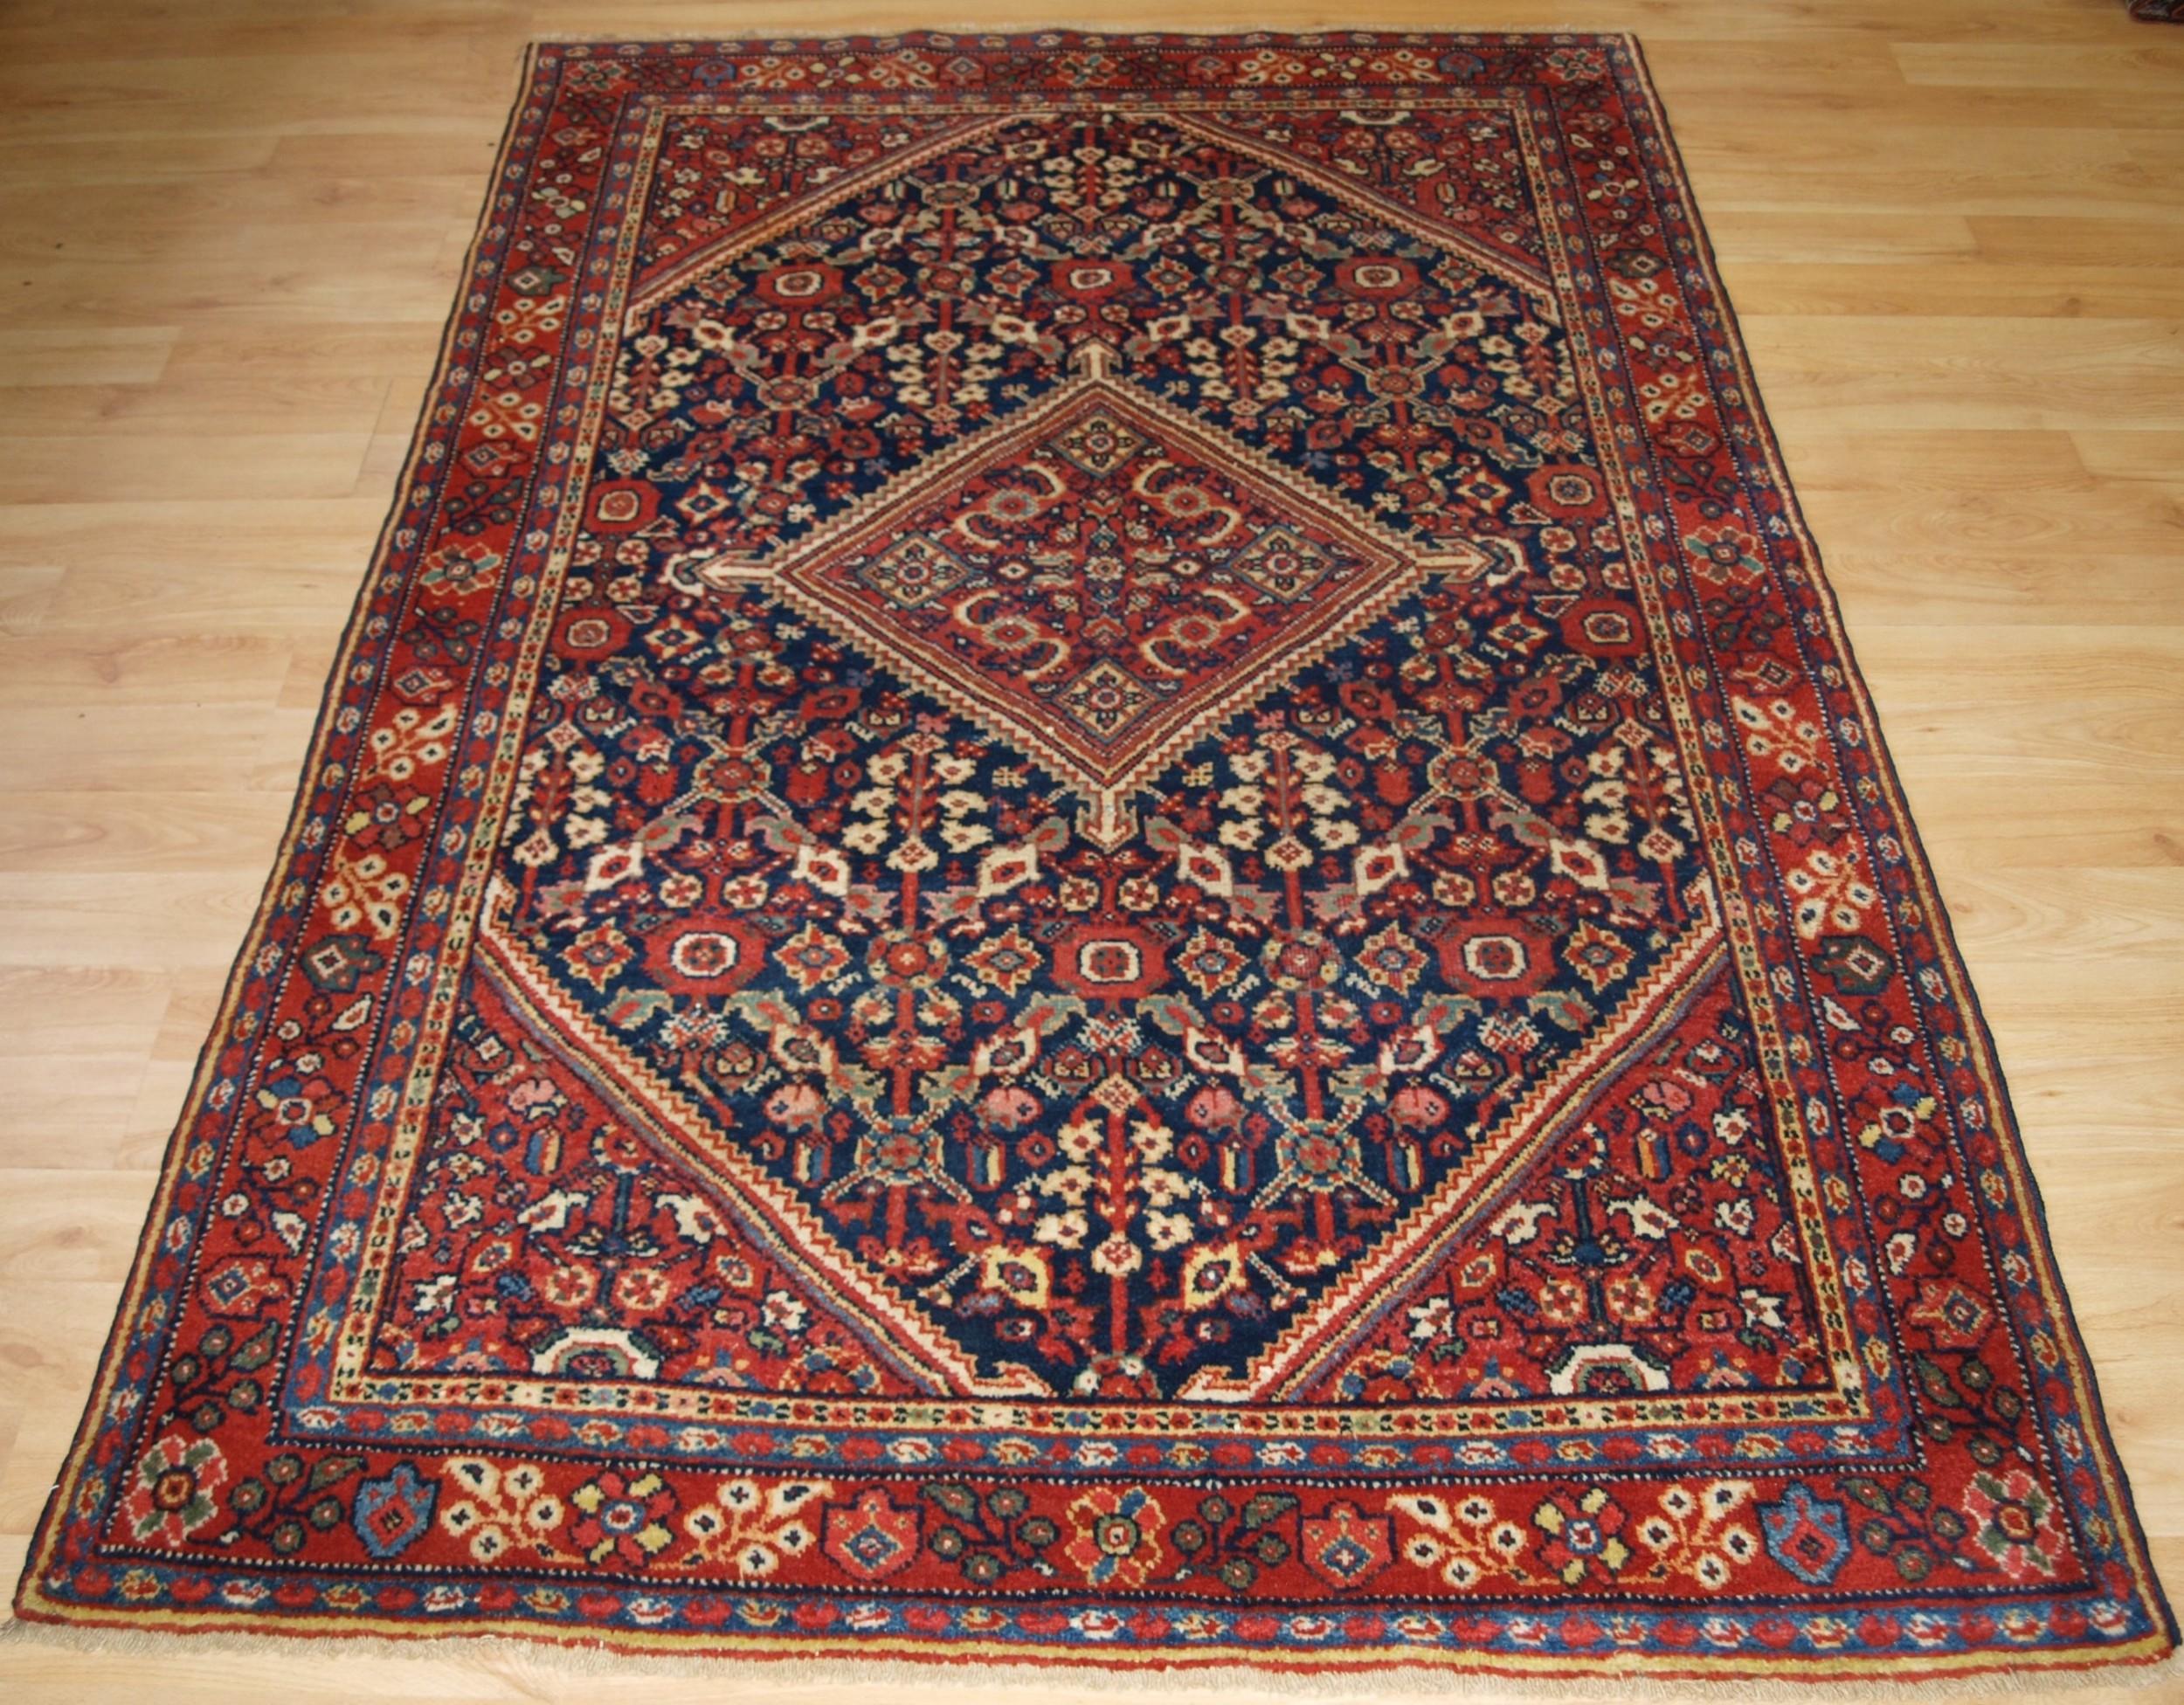 antique mahal rug with shrub design superb colours circa 1900